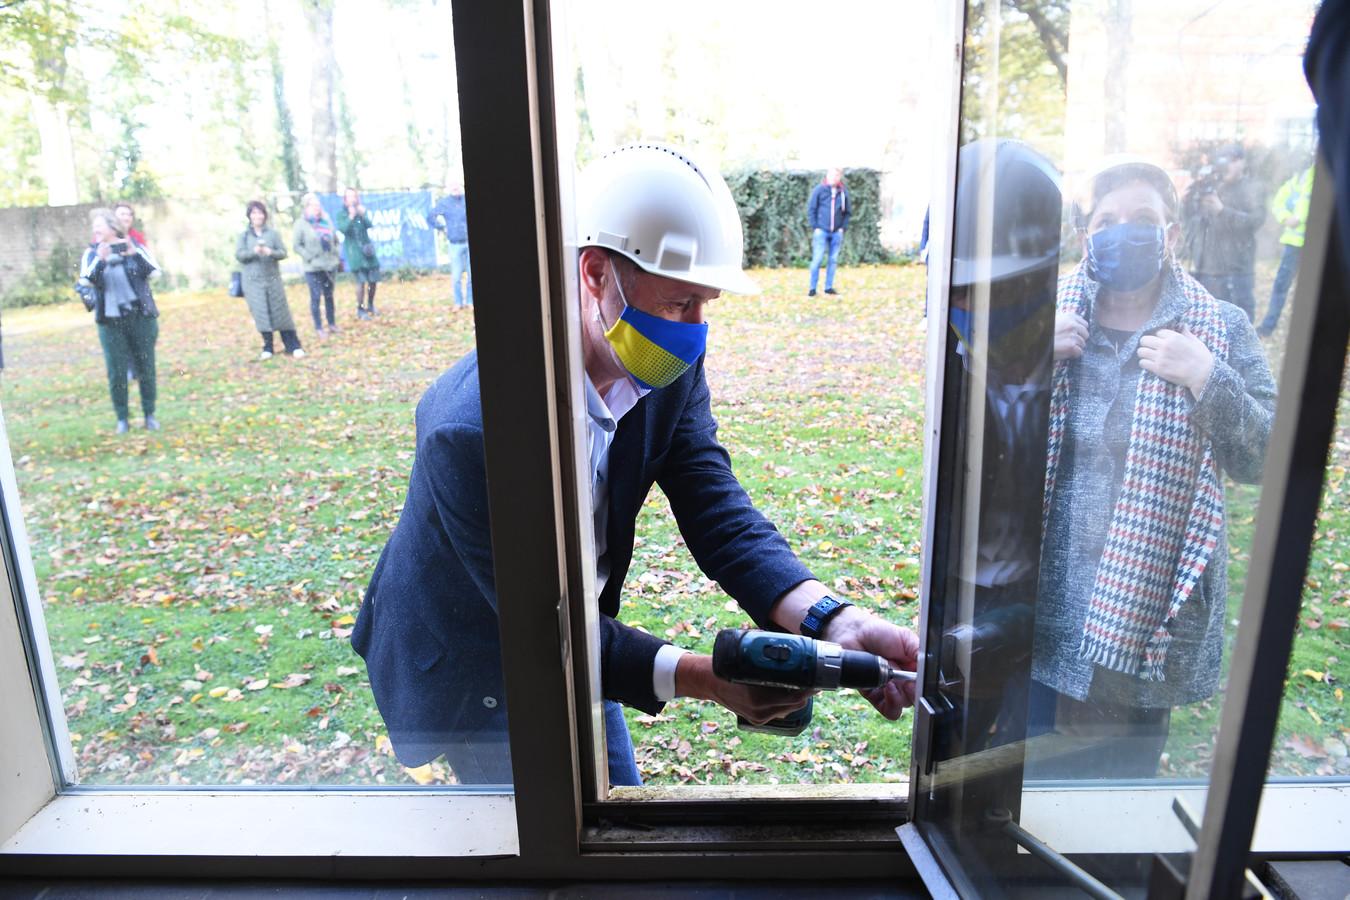 Wethouder John van den Hoven en museumbestuurslid Margo Strik verwijderen een raam. Het is het officiële startsein voor de bouw van het nieuwe schoenenmuseum.